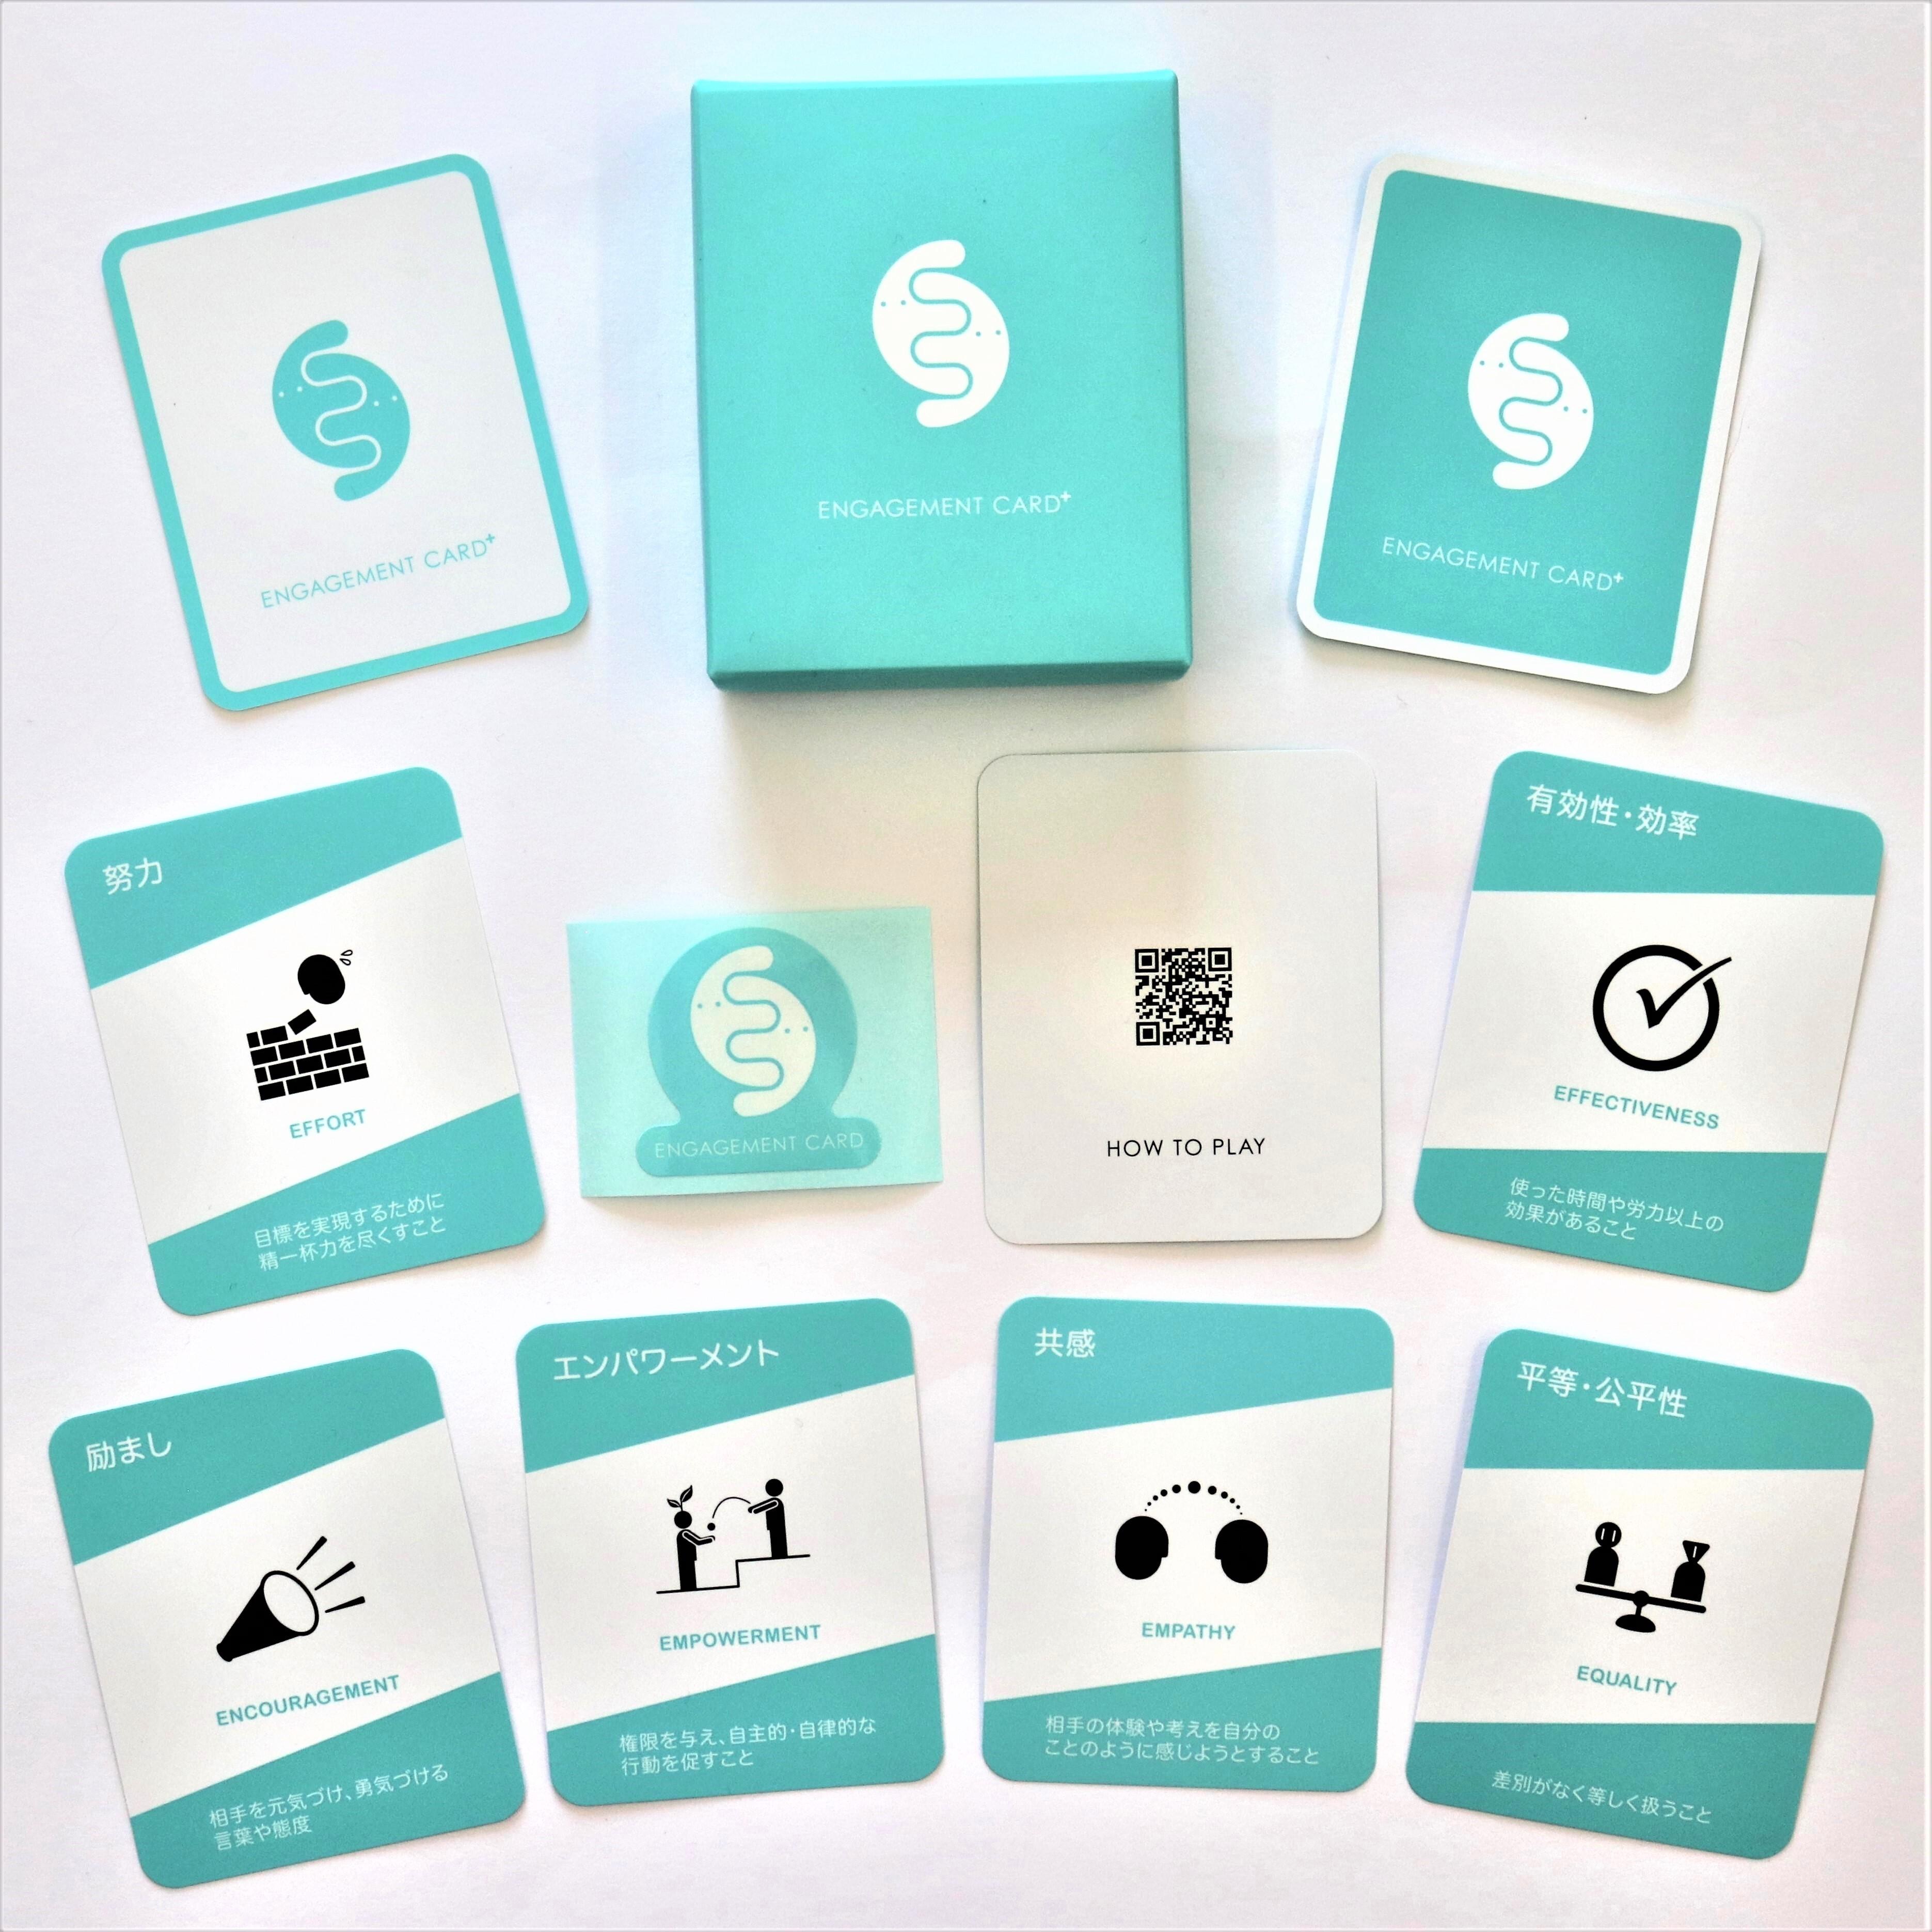 【カード】世界最高のチームを目指す!働きがいと生産性を向上させるエンゲージメントカードplus(日本製)